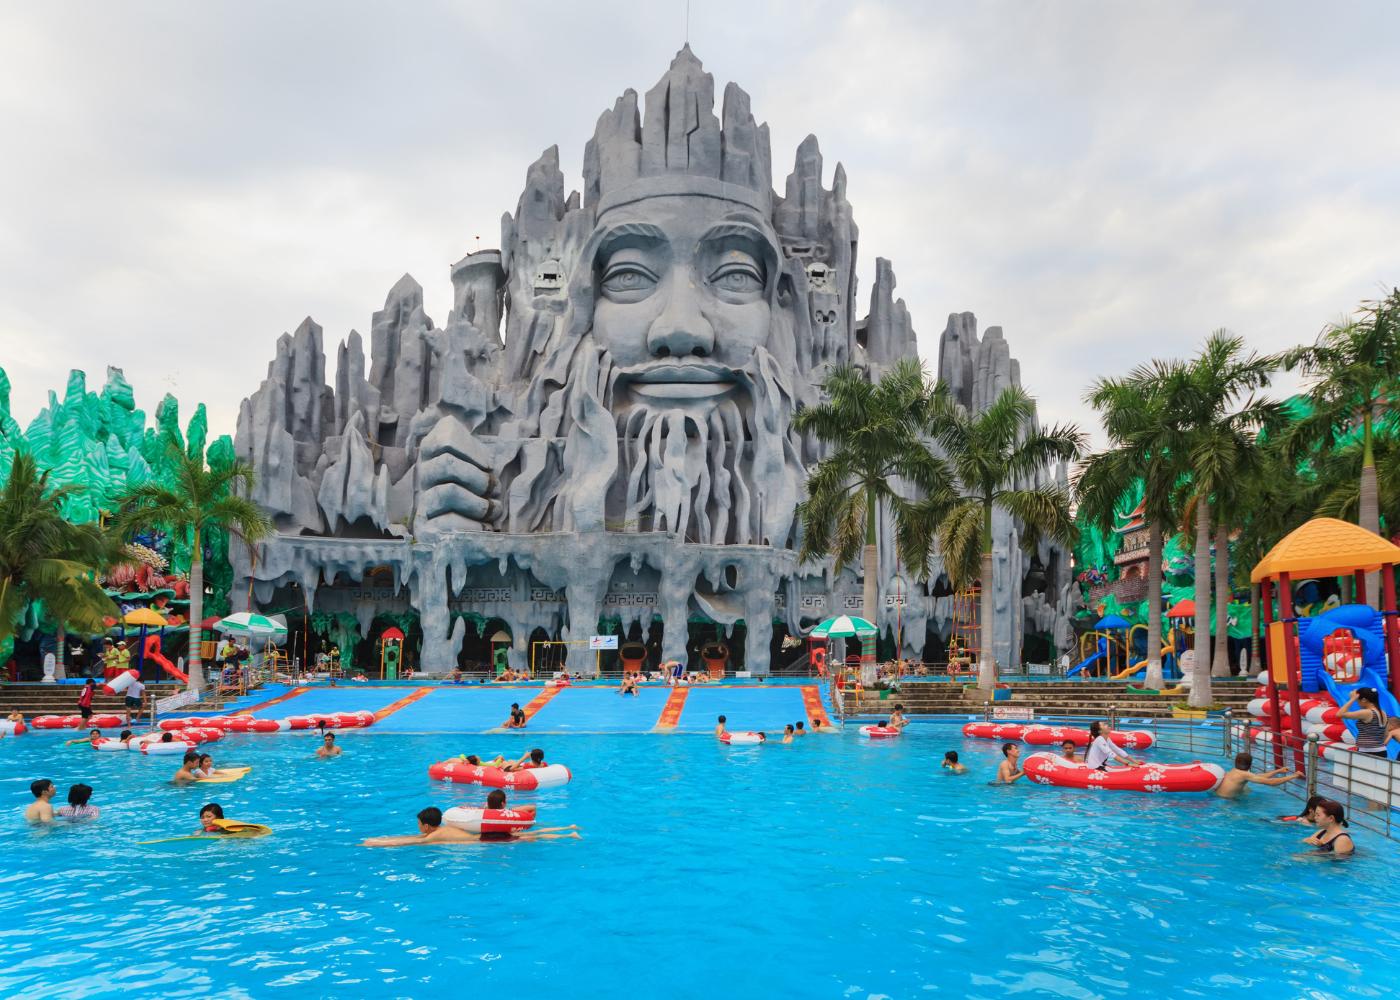 Theme parks in Southeast Asia for adrenaline junkies | Suoi Tien Theme Park, Vietnam